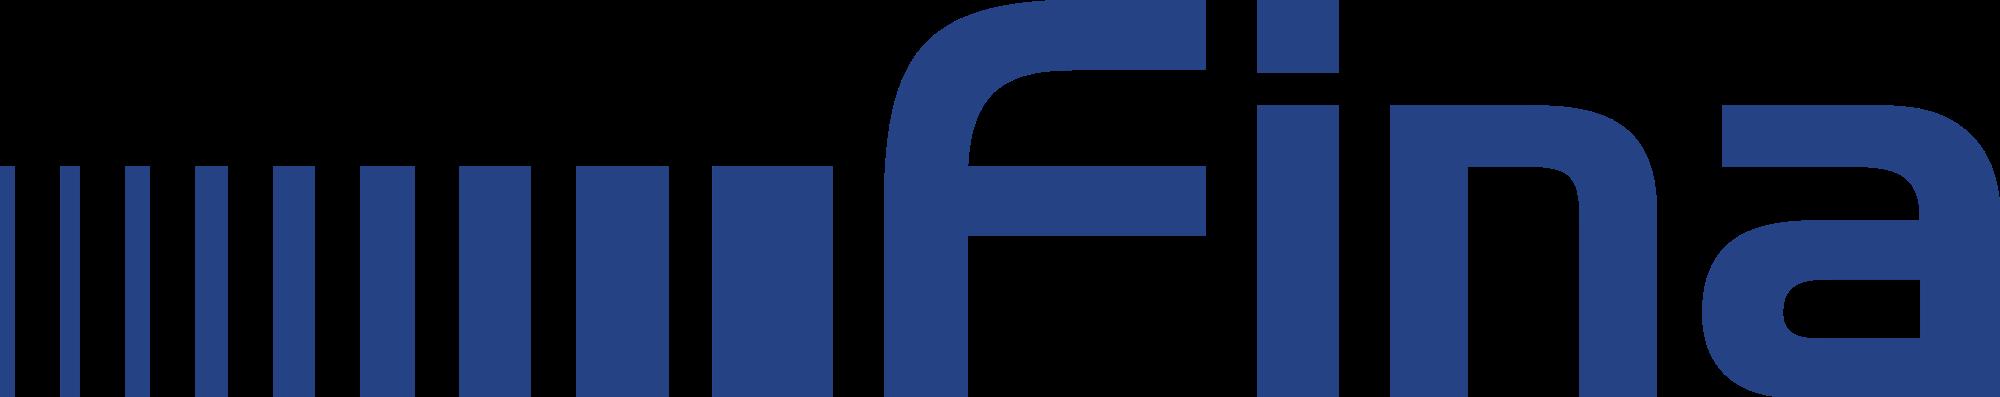 Natječaj za dodjelu IT stipendija u Fini